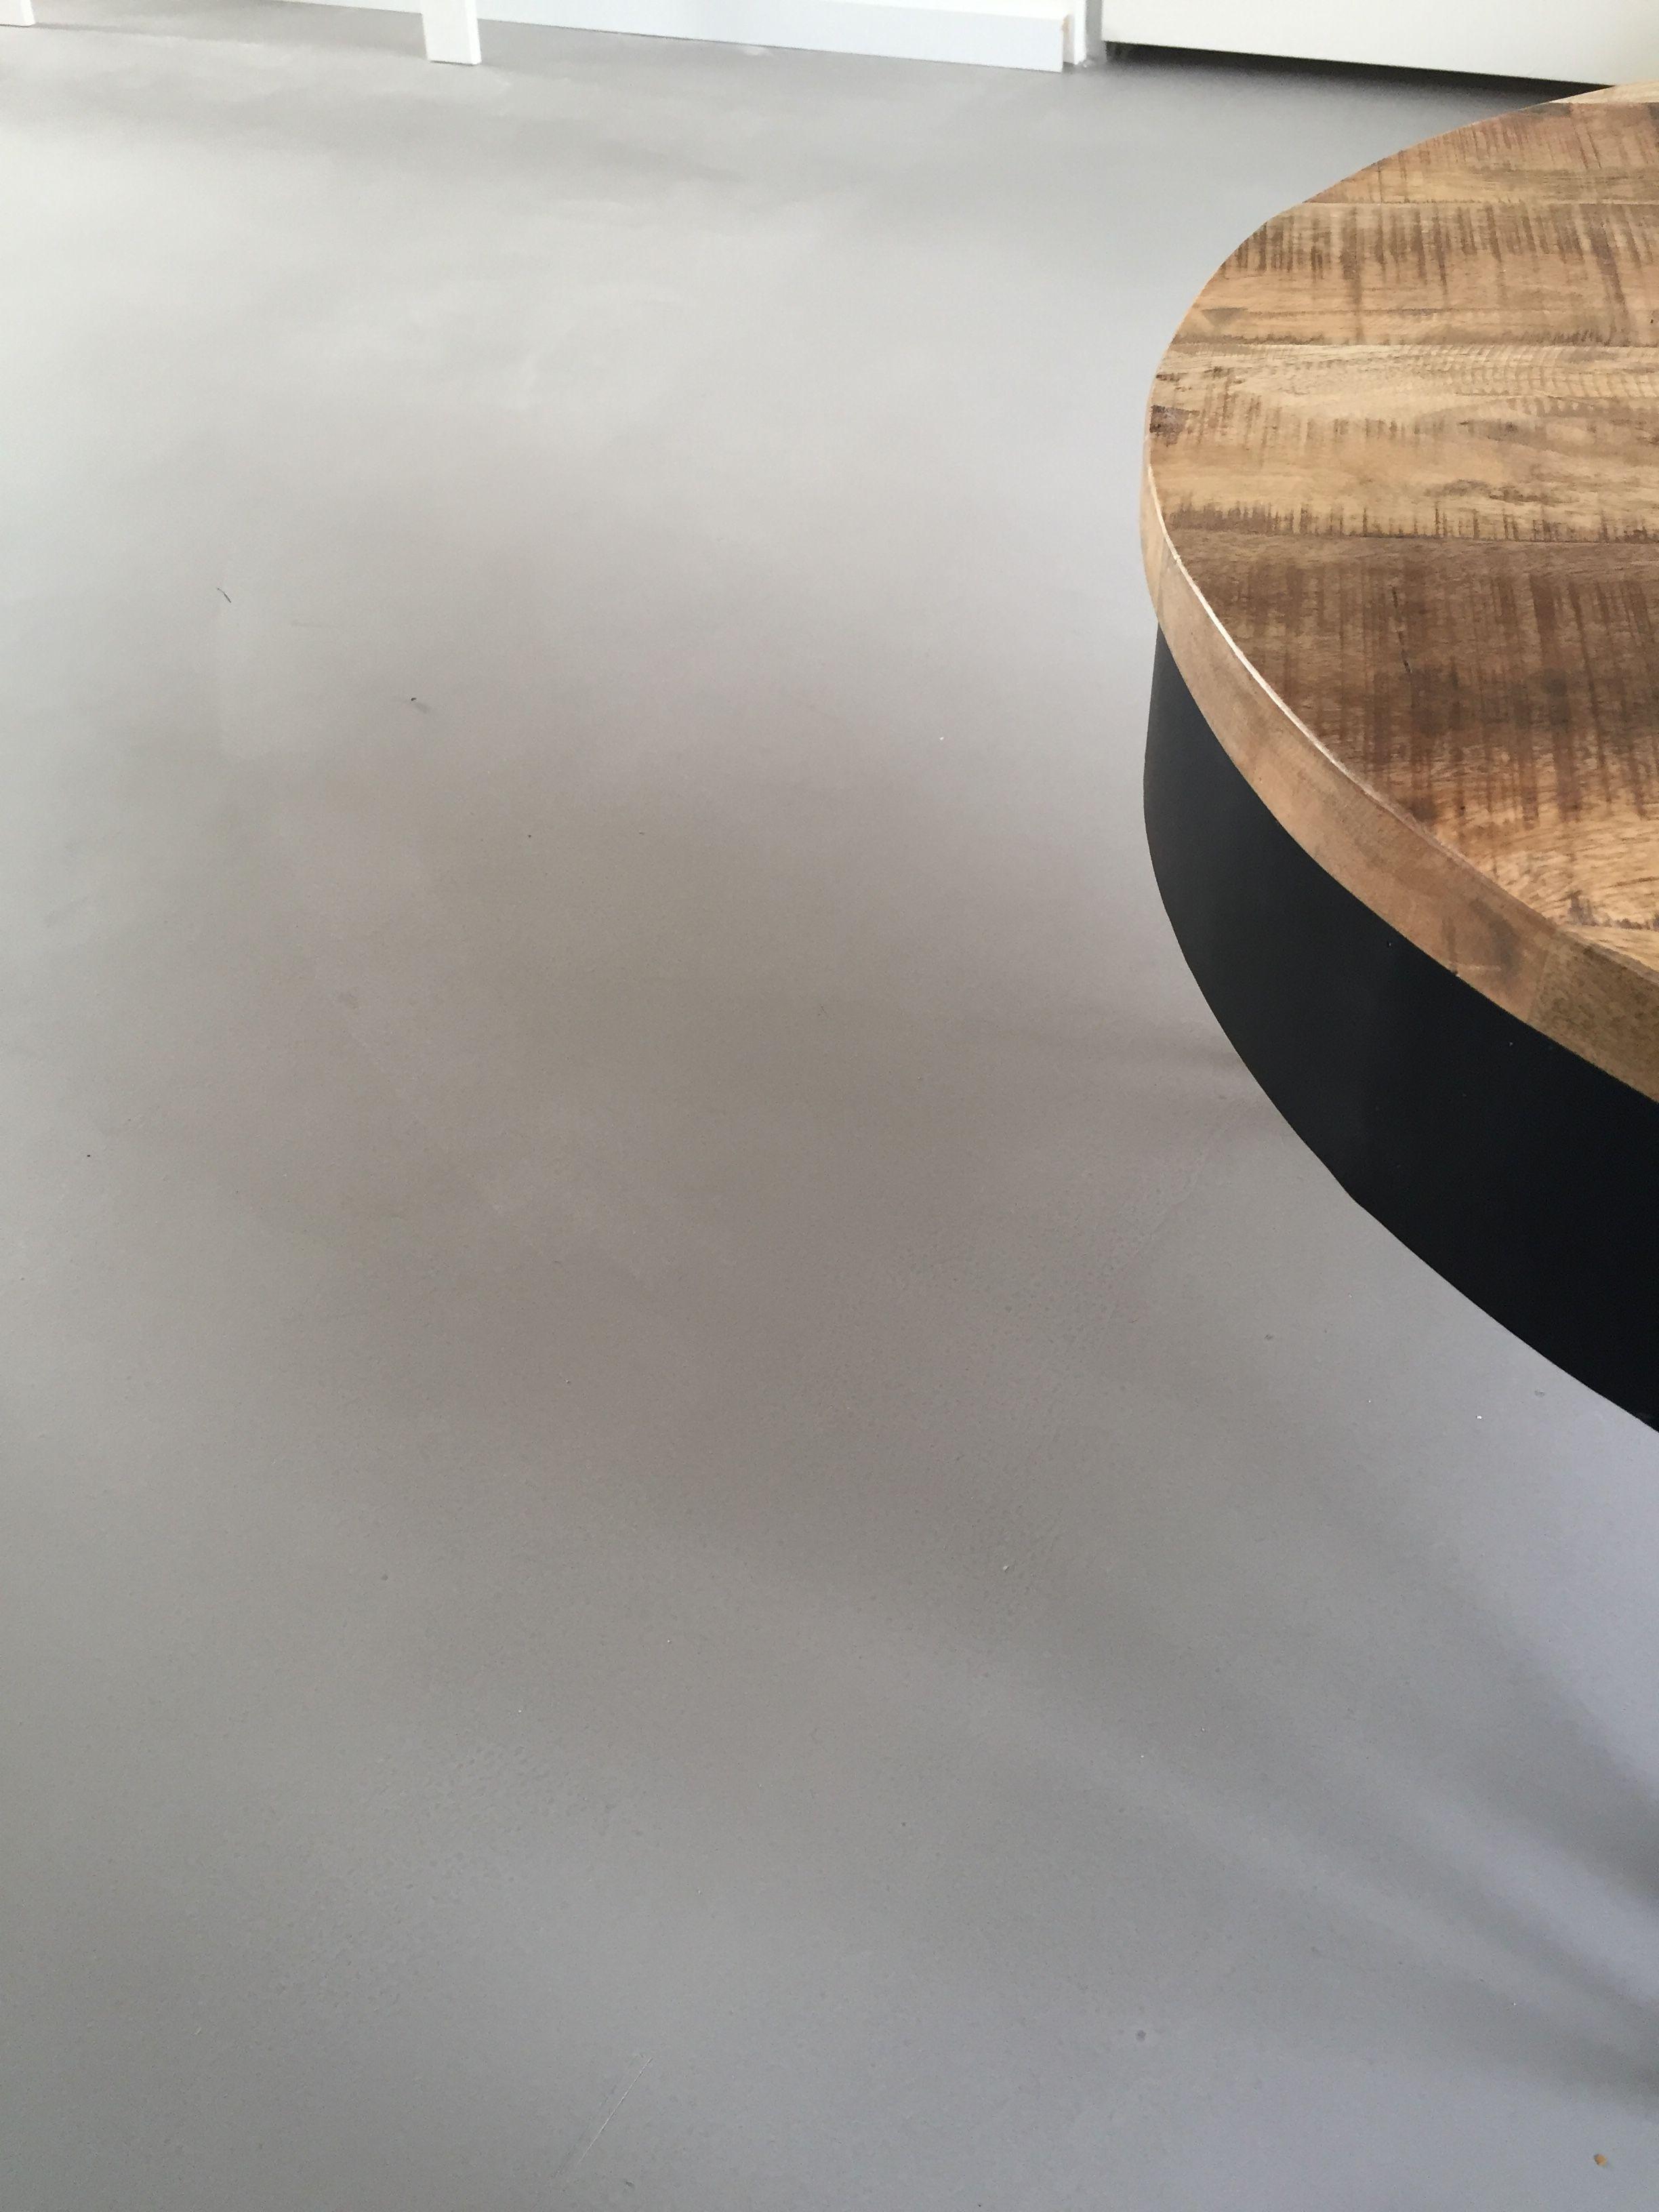 Hardwood Floor On Cement Slab Of Pandomo Floor Kleur Cemento Aangebracht Door Vloer Zo Project In Throughout Pandomo Floor Kleur Cemento Aangebracht Door Vloer Zo Project In Castricum Floor Finishesdoorsprojectscementslab